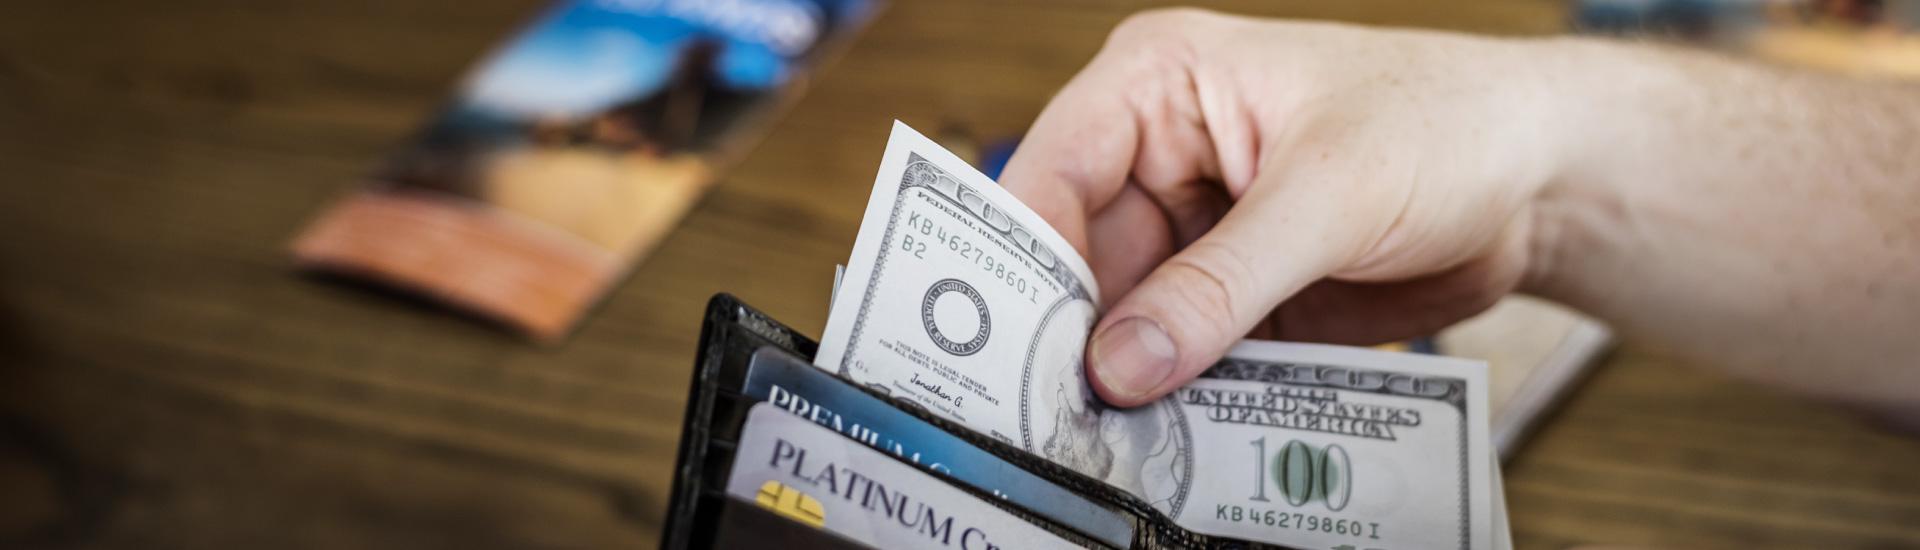 Cuentas por pagar giga uno